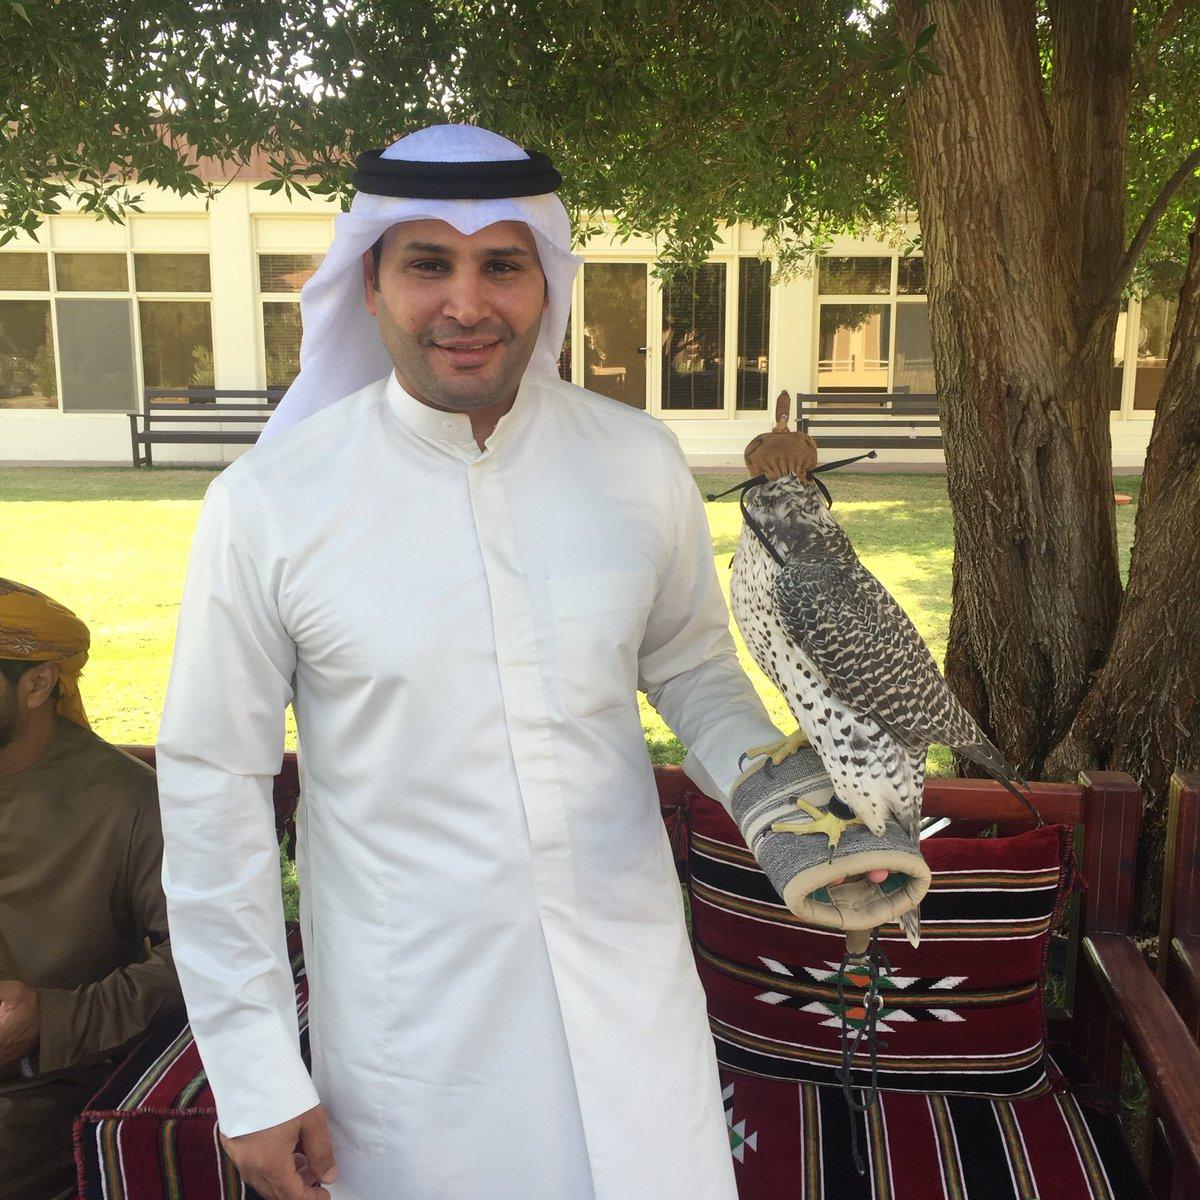 بالصور موديلات ثياب رجاليه سعوديه , اجمل الموديلات السعوديه الرجاليه الجديده 12531 7